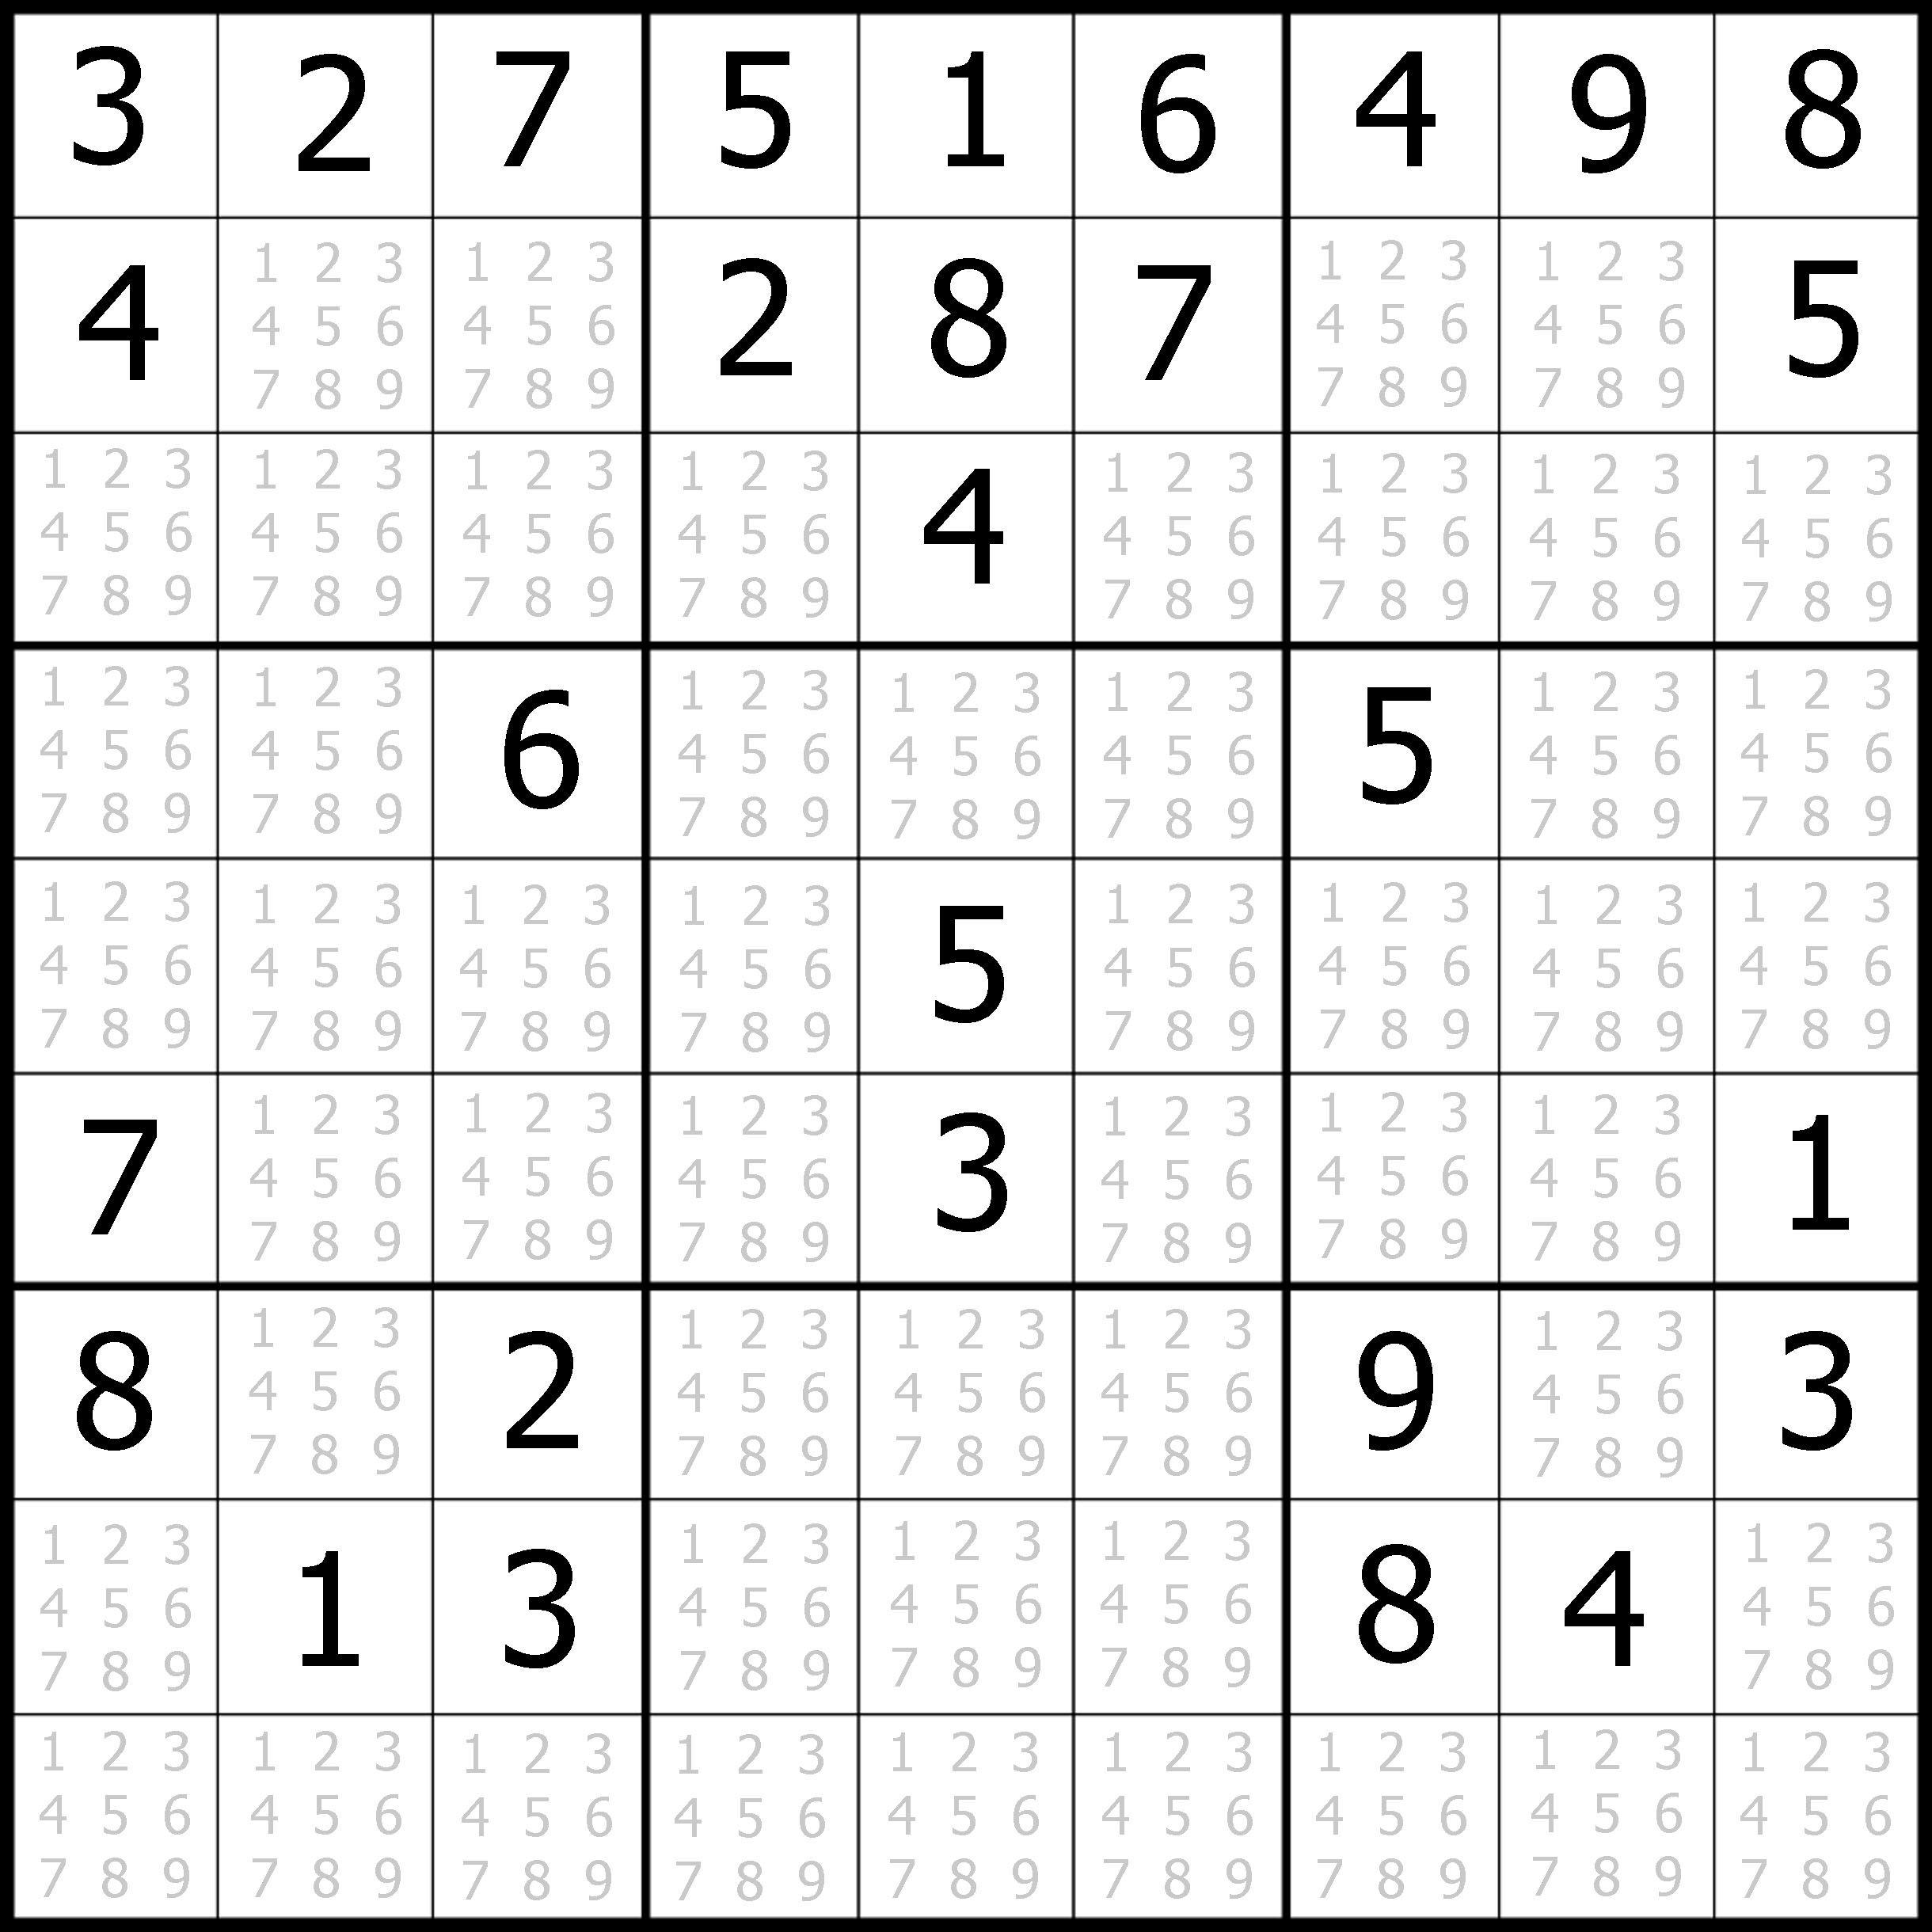 Sudoku Printable | Free, Medium, Printable Sudoku Puzzle #1 | My - Printable Sudoku Puzzles Online